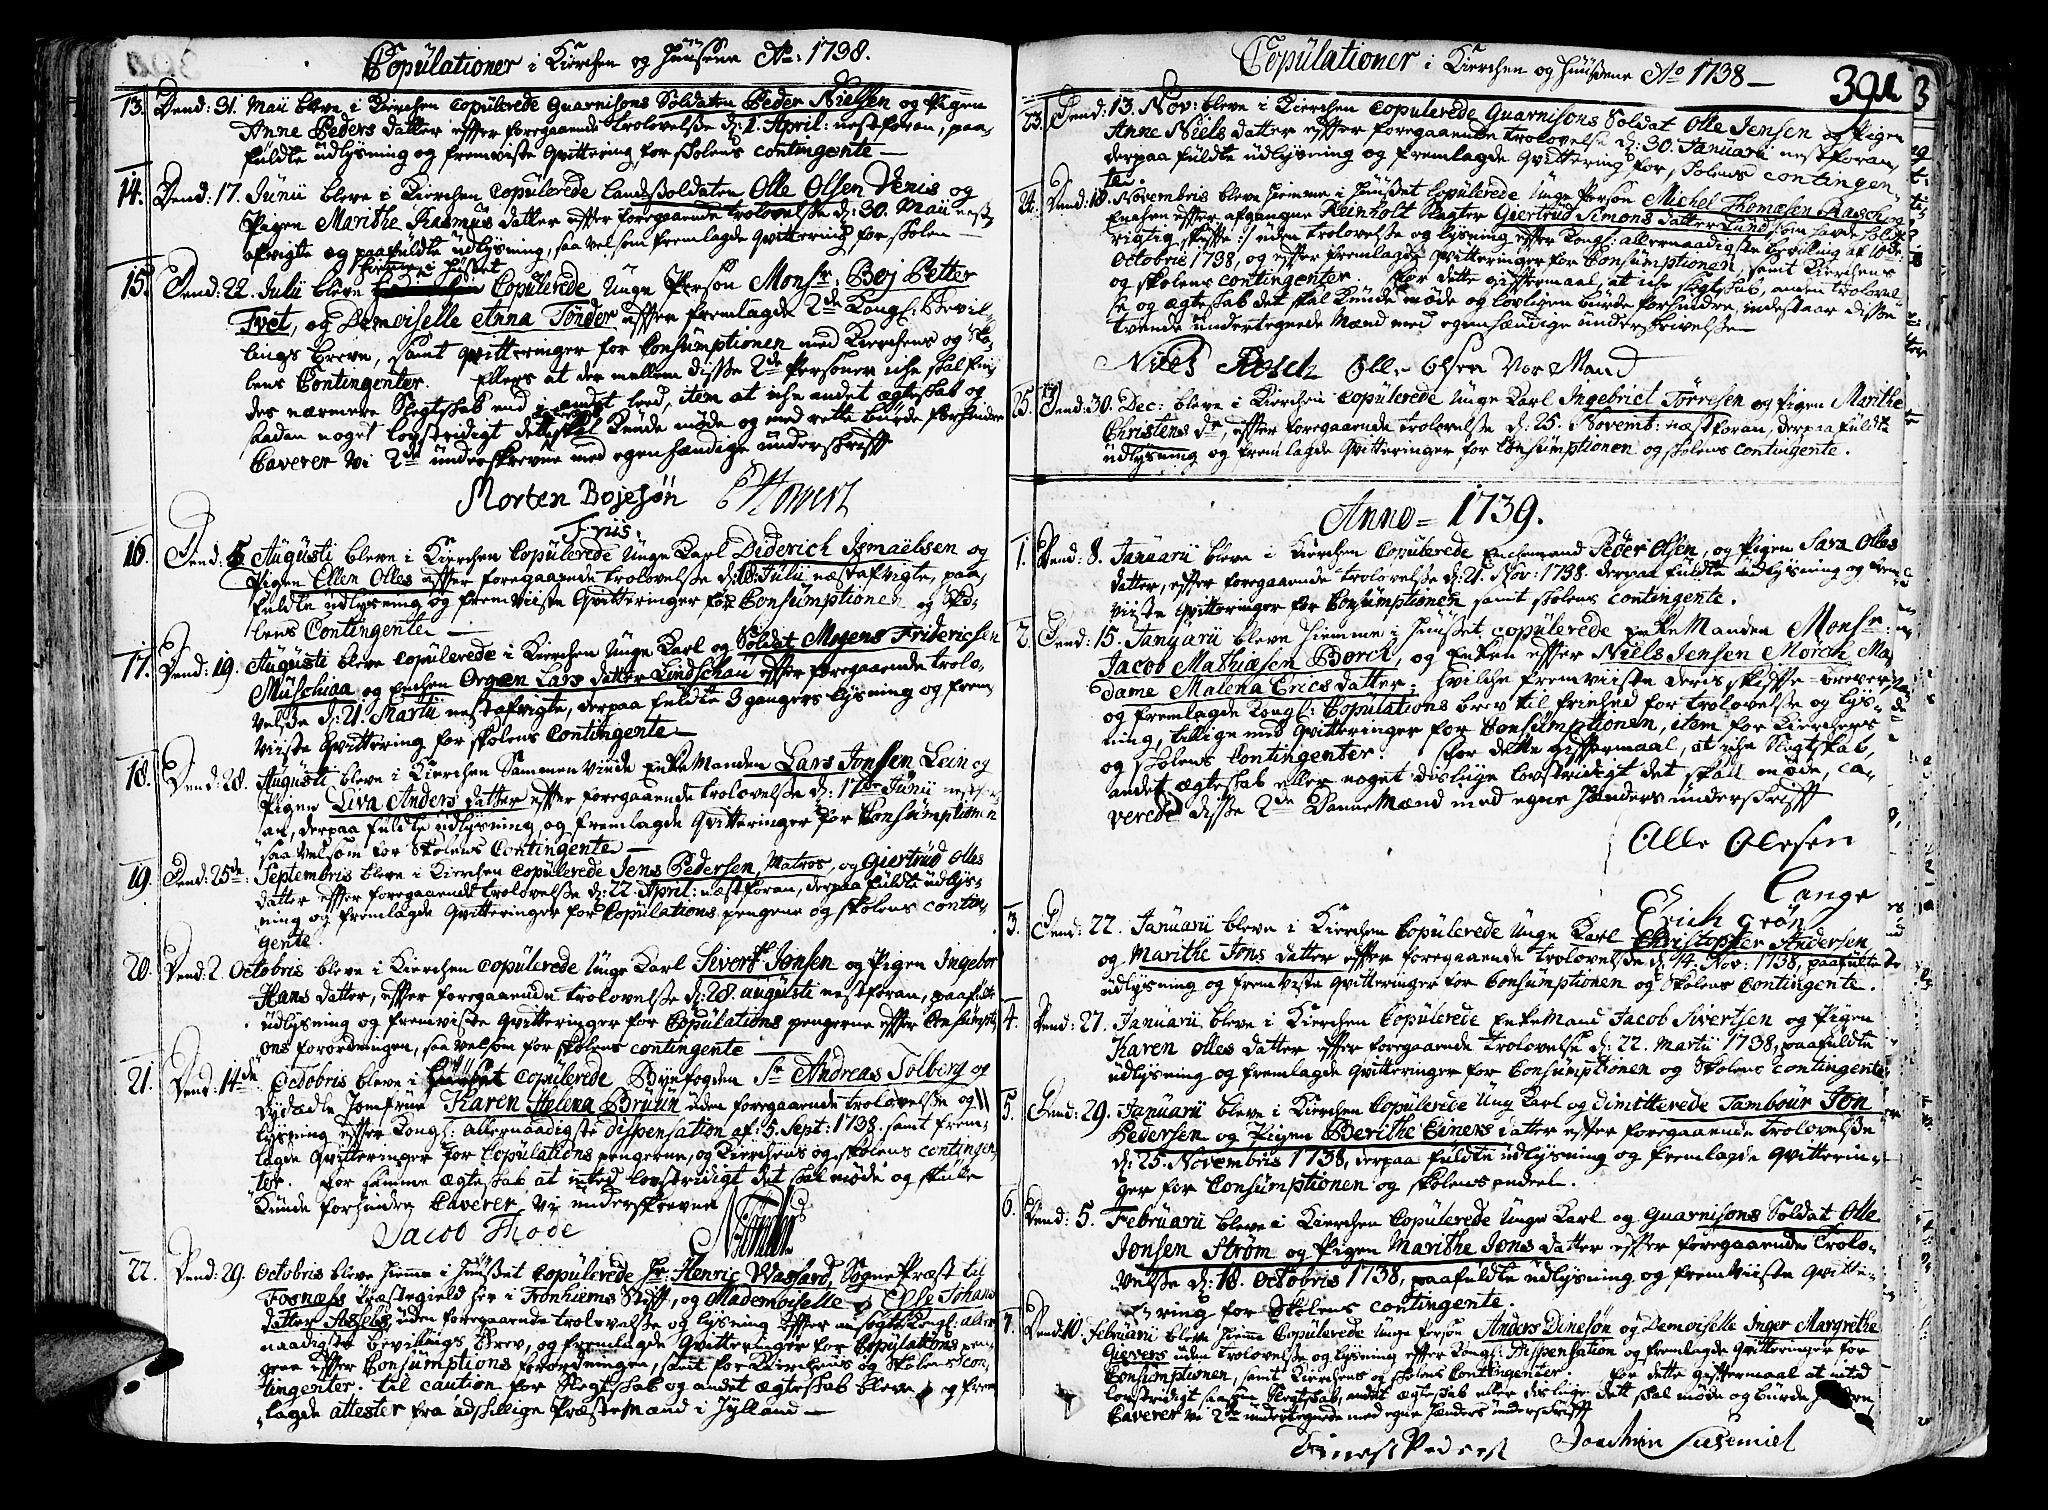 SAT, Ministerialprotokoller, klokkerbøker og fødselsregistre - Sør-Trøndelag, 602/L0103: Ministerialbok nr. 602A01, 1732-1774, s. 391